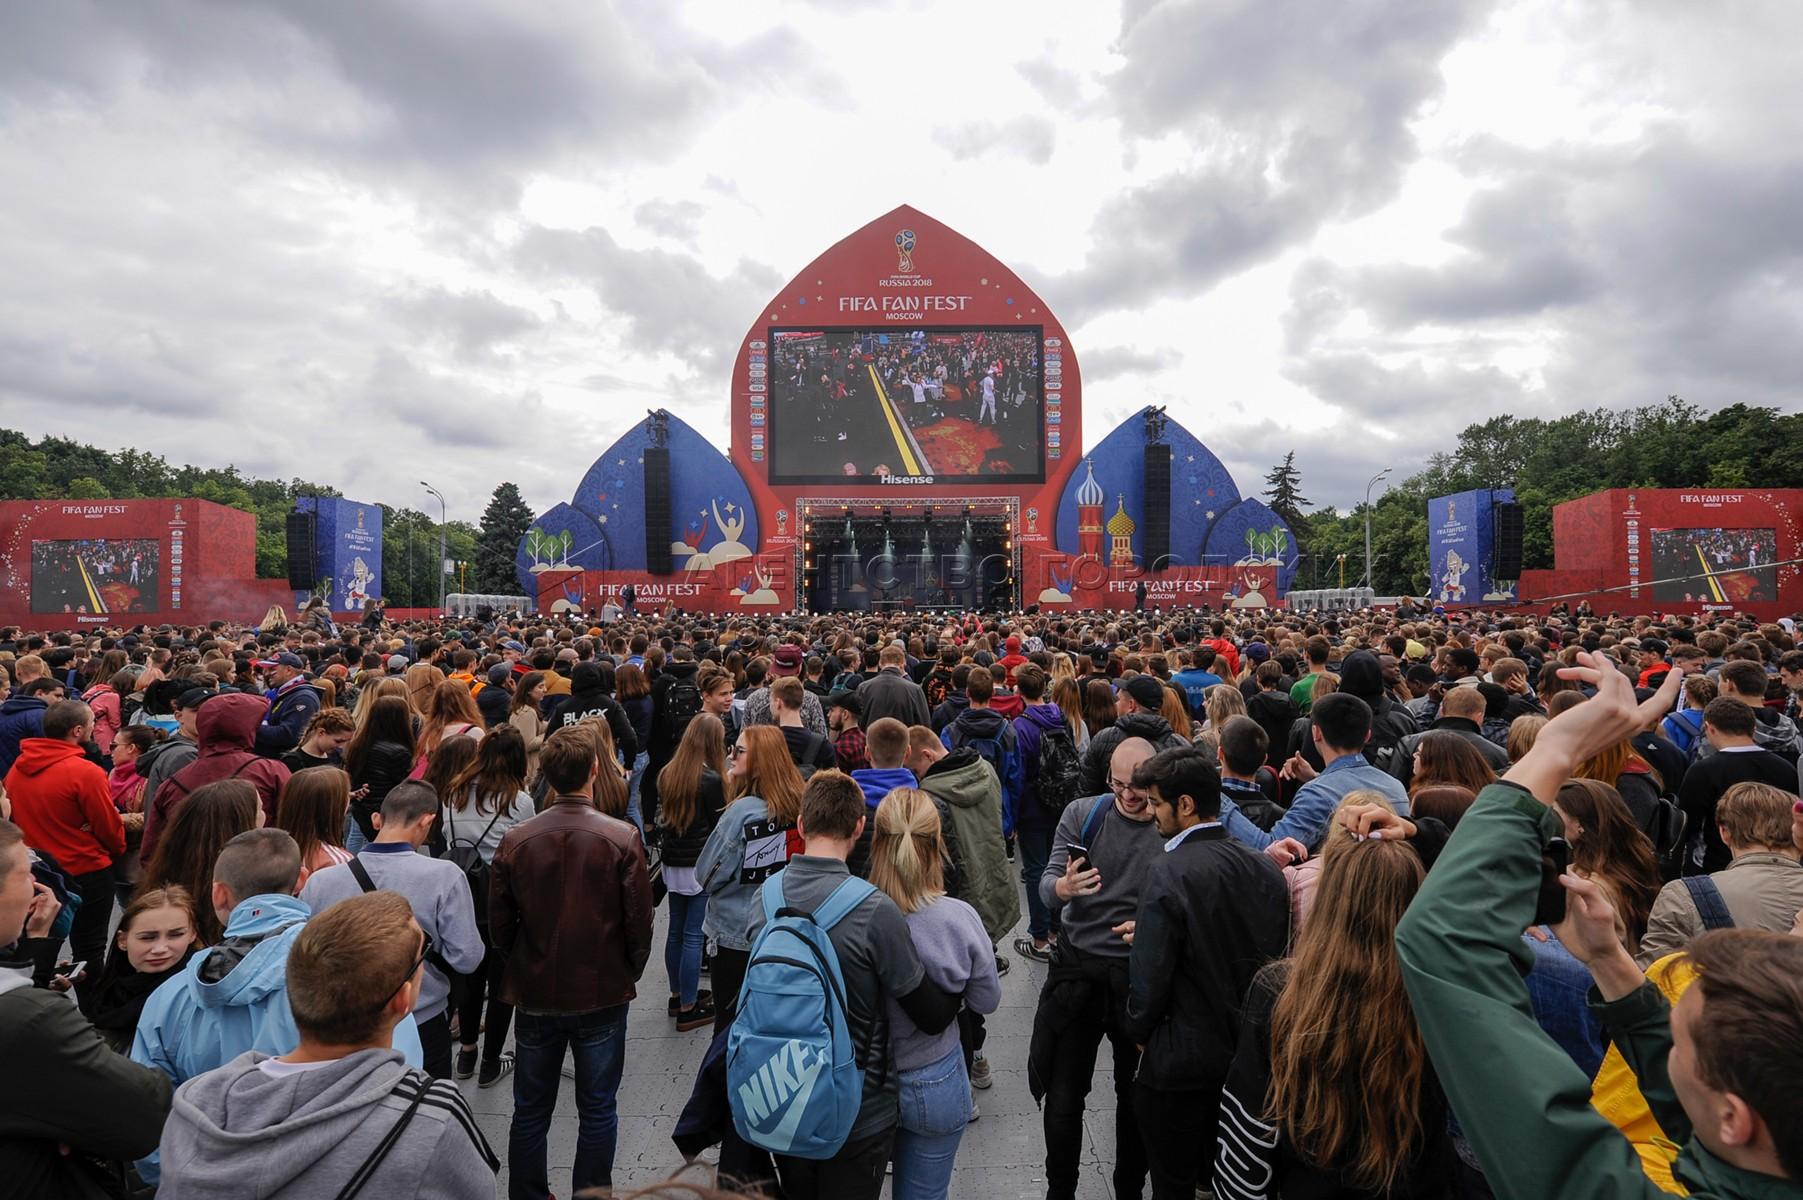 Автор фото: Александр Авилов. Открытие фестиваля болельщиков FIFA Fan Fest 2018 на Воробьевых горах